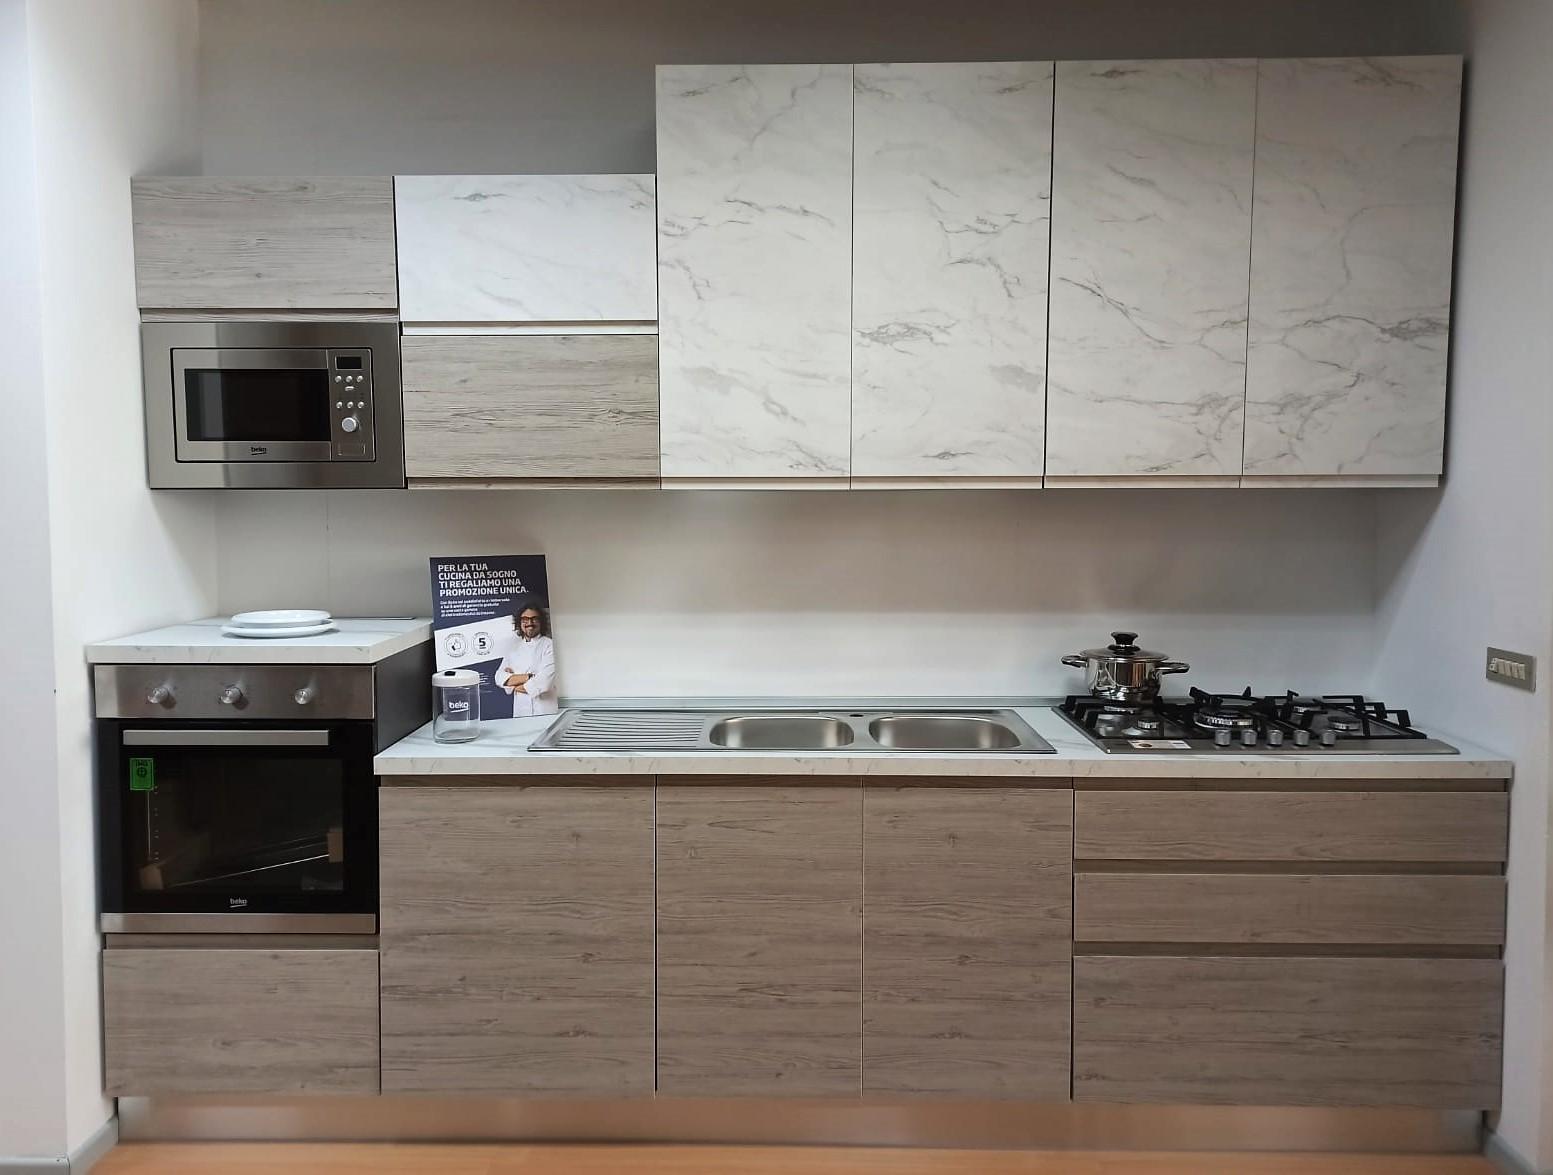 Cucina Componibile Lineare Pino Grigio Effetto Marmo Calacatta Paternoster Home